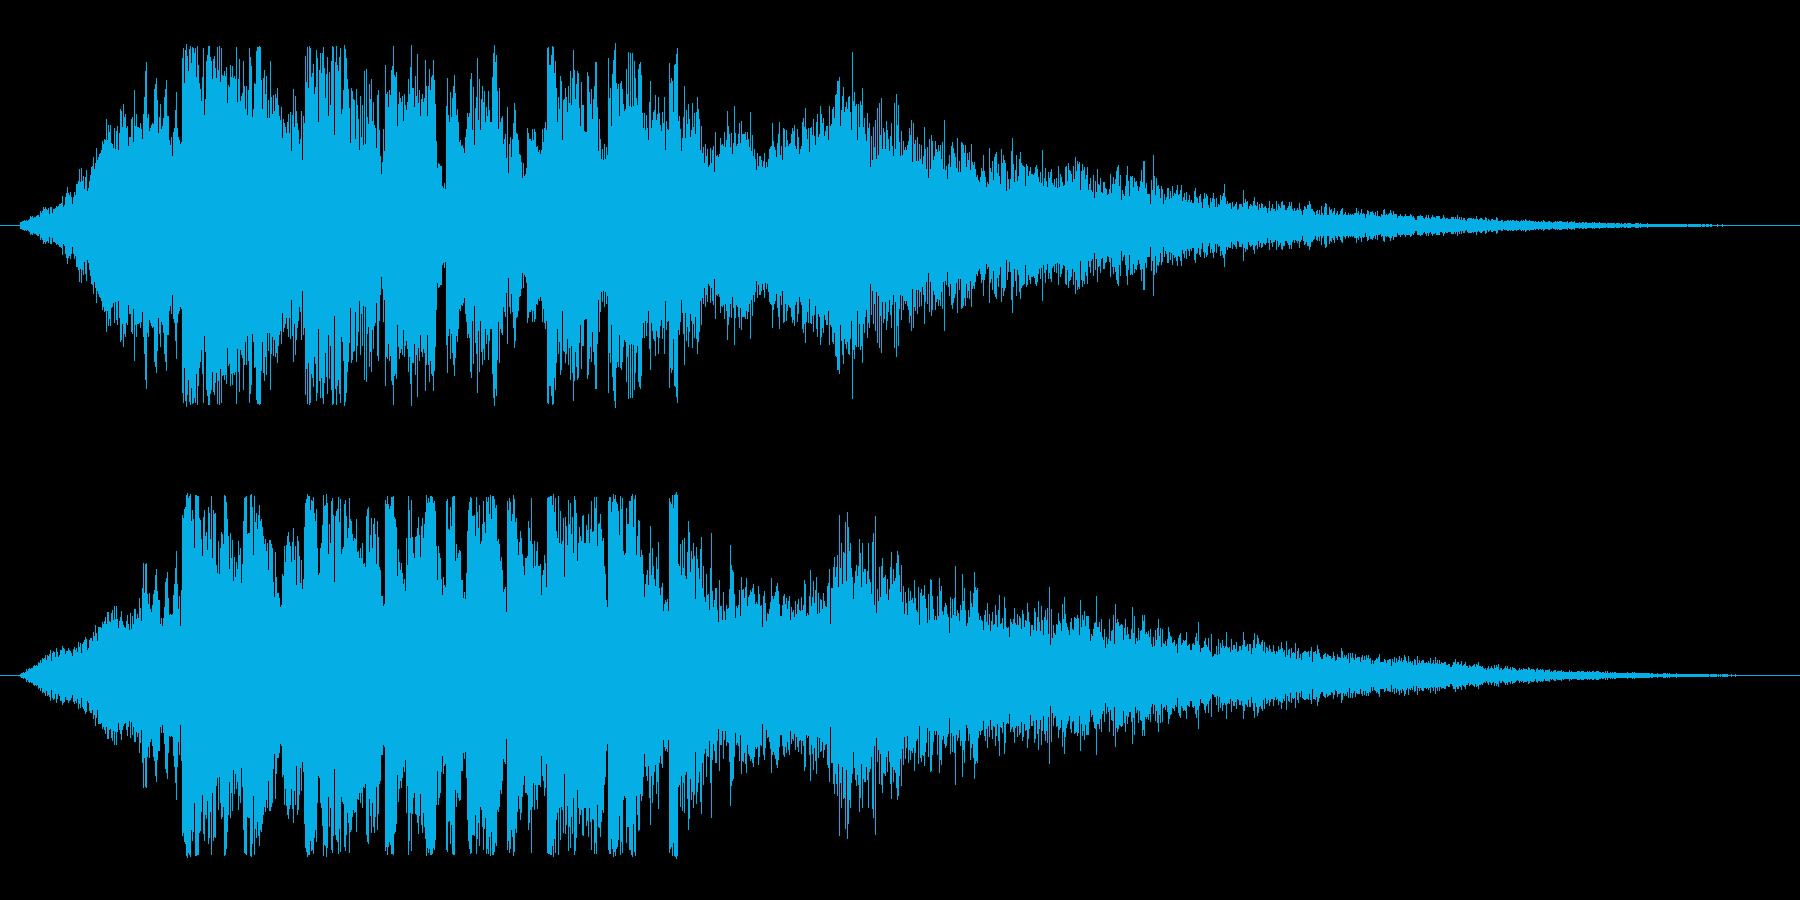 ディープ&クール!未来的デジタルロゴ!の再生済みの波形